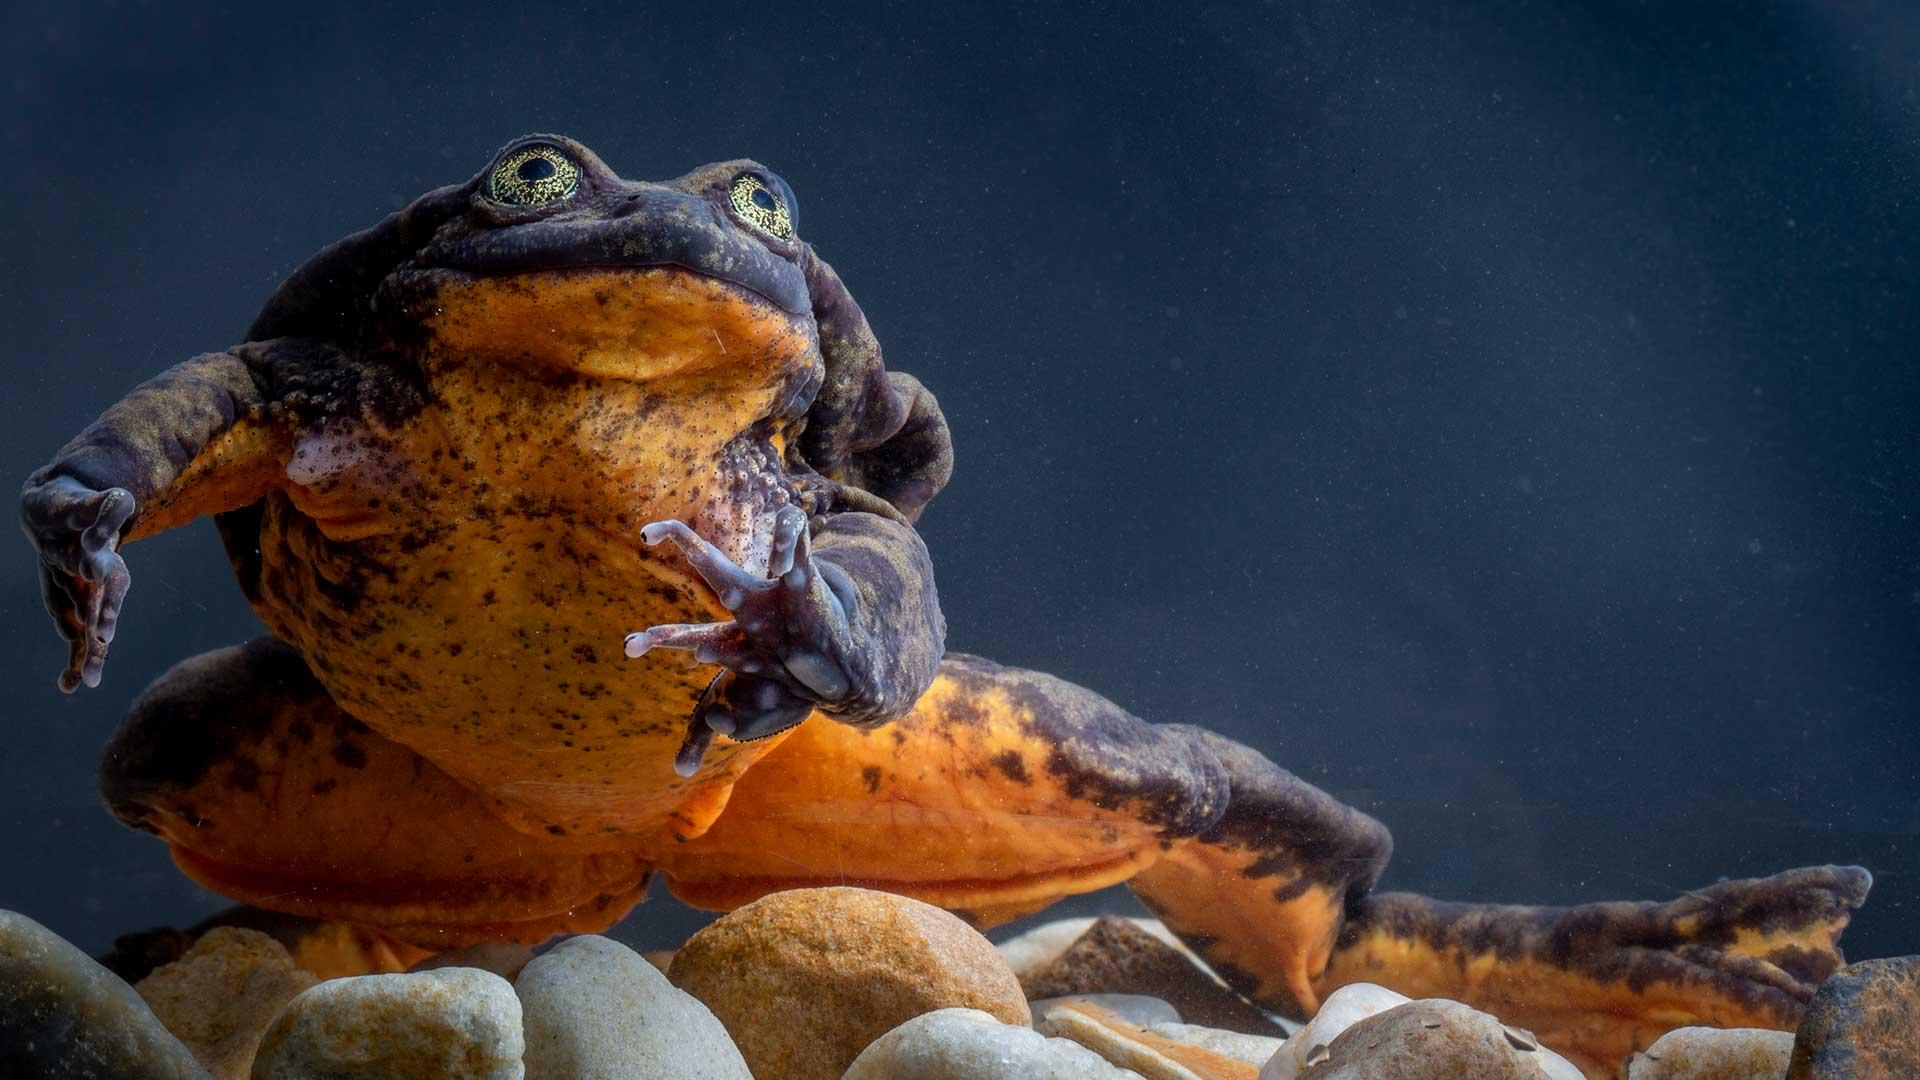 Der vermeintlich letzte Sehuencas-Wasserfrosch lebte in Bolivien. Inzwischen wurden fünf weitere entdeckt. © Robin Moore / Global Wildlife Conservation